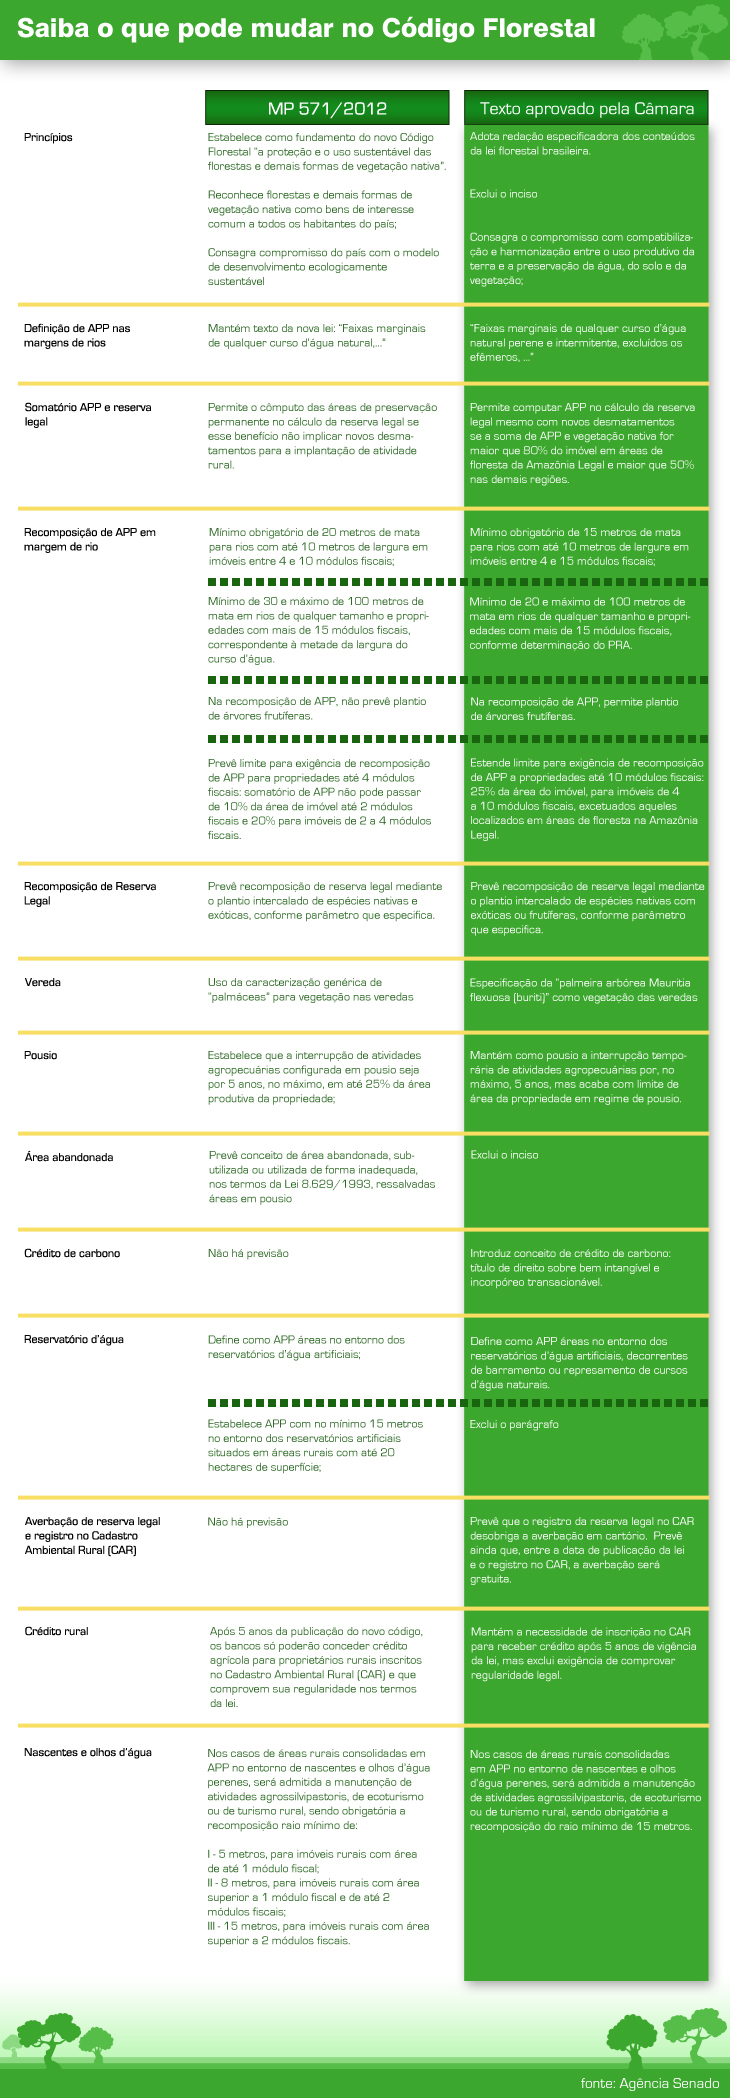 Saiba o que pode mudar no Código Florestal